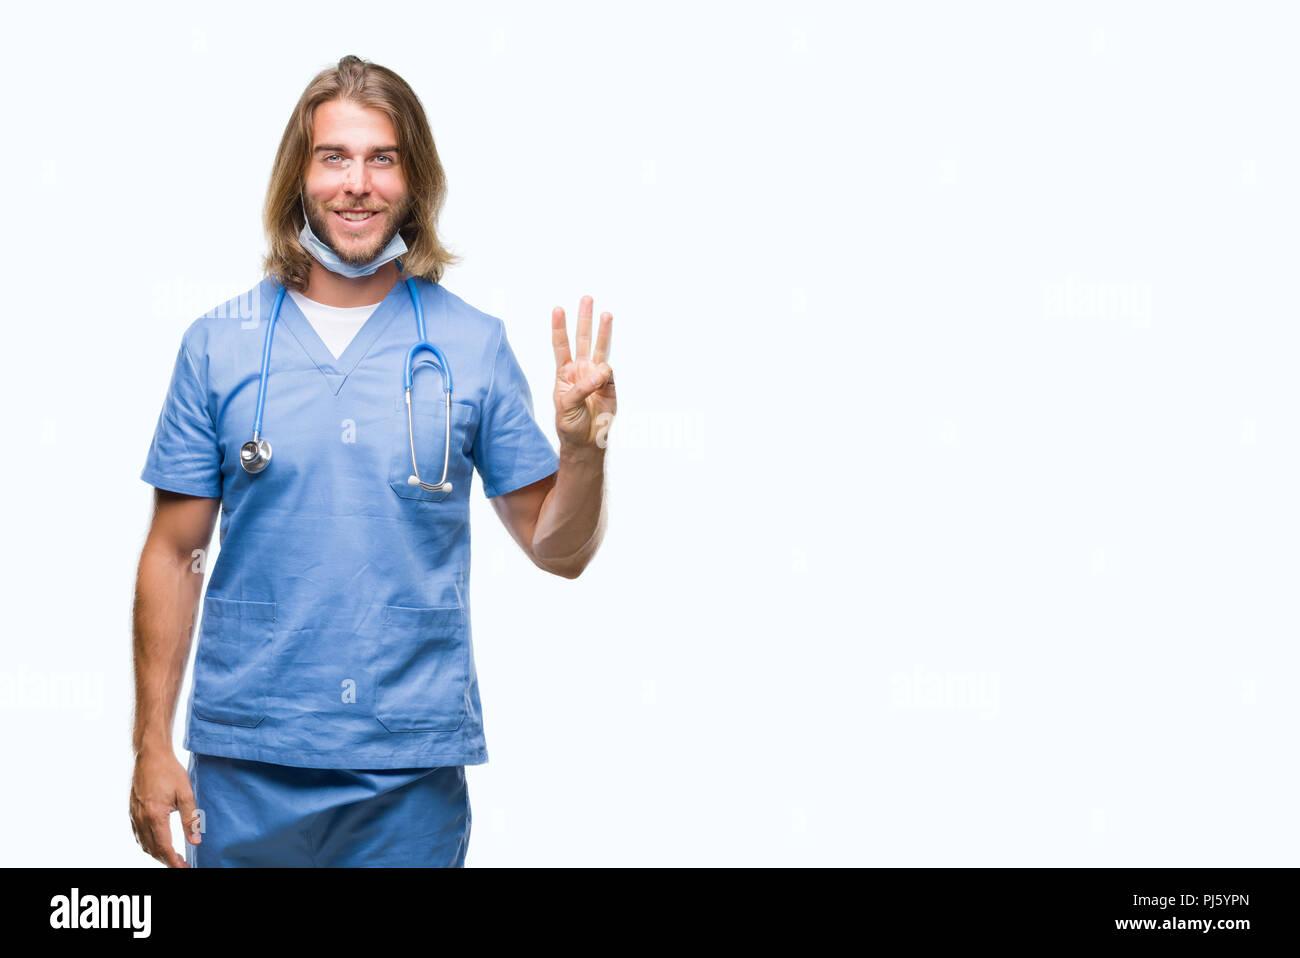 Beau jeune homme médecin aux cheveux longs sur fond isolés montrant et pointant vers le haut avec les doigts numéro trois en souriant confiant et heureux. Photo Stock